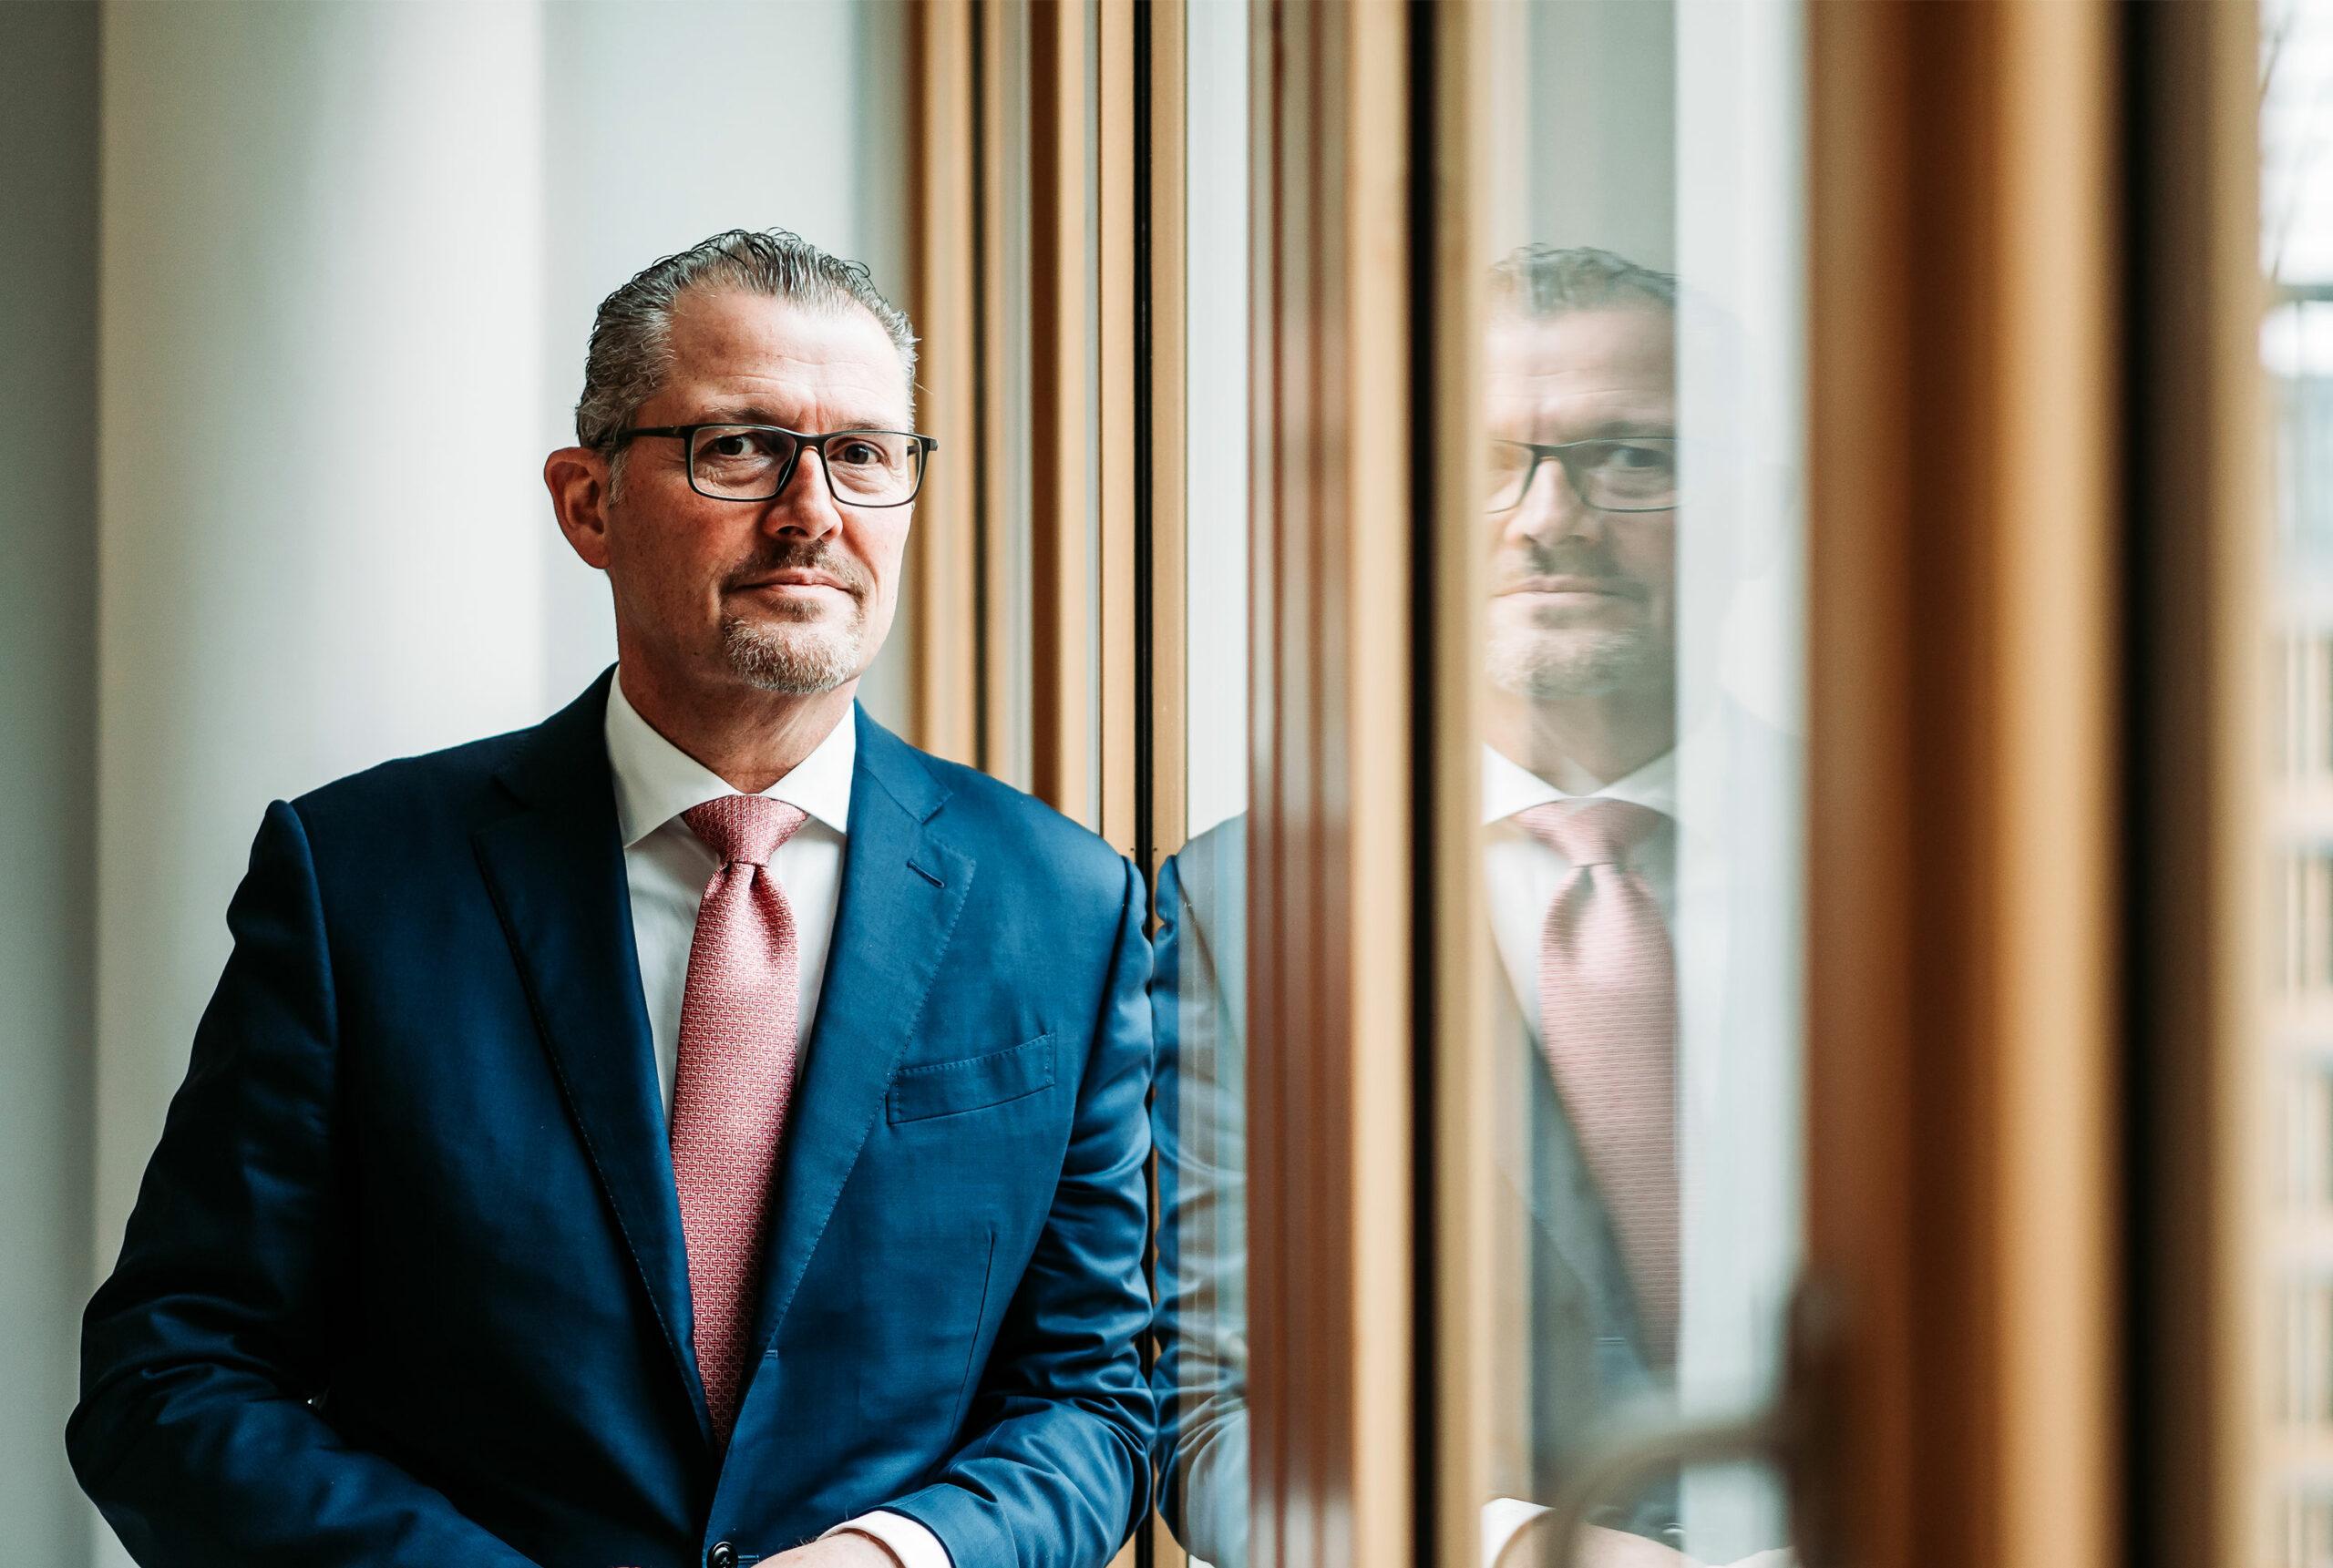 Deutschland bleibt gefangen in seiner bürokratischen Regulierung – Testpflicht ist Misstrauenserklärung gegenüber Unternehmen